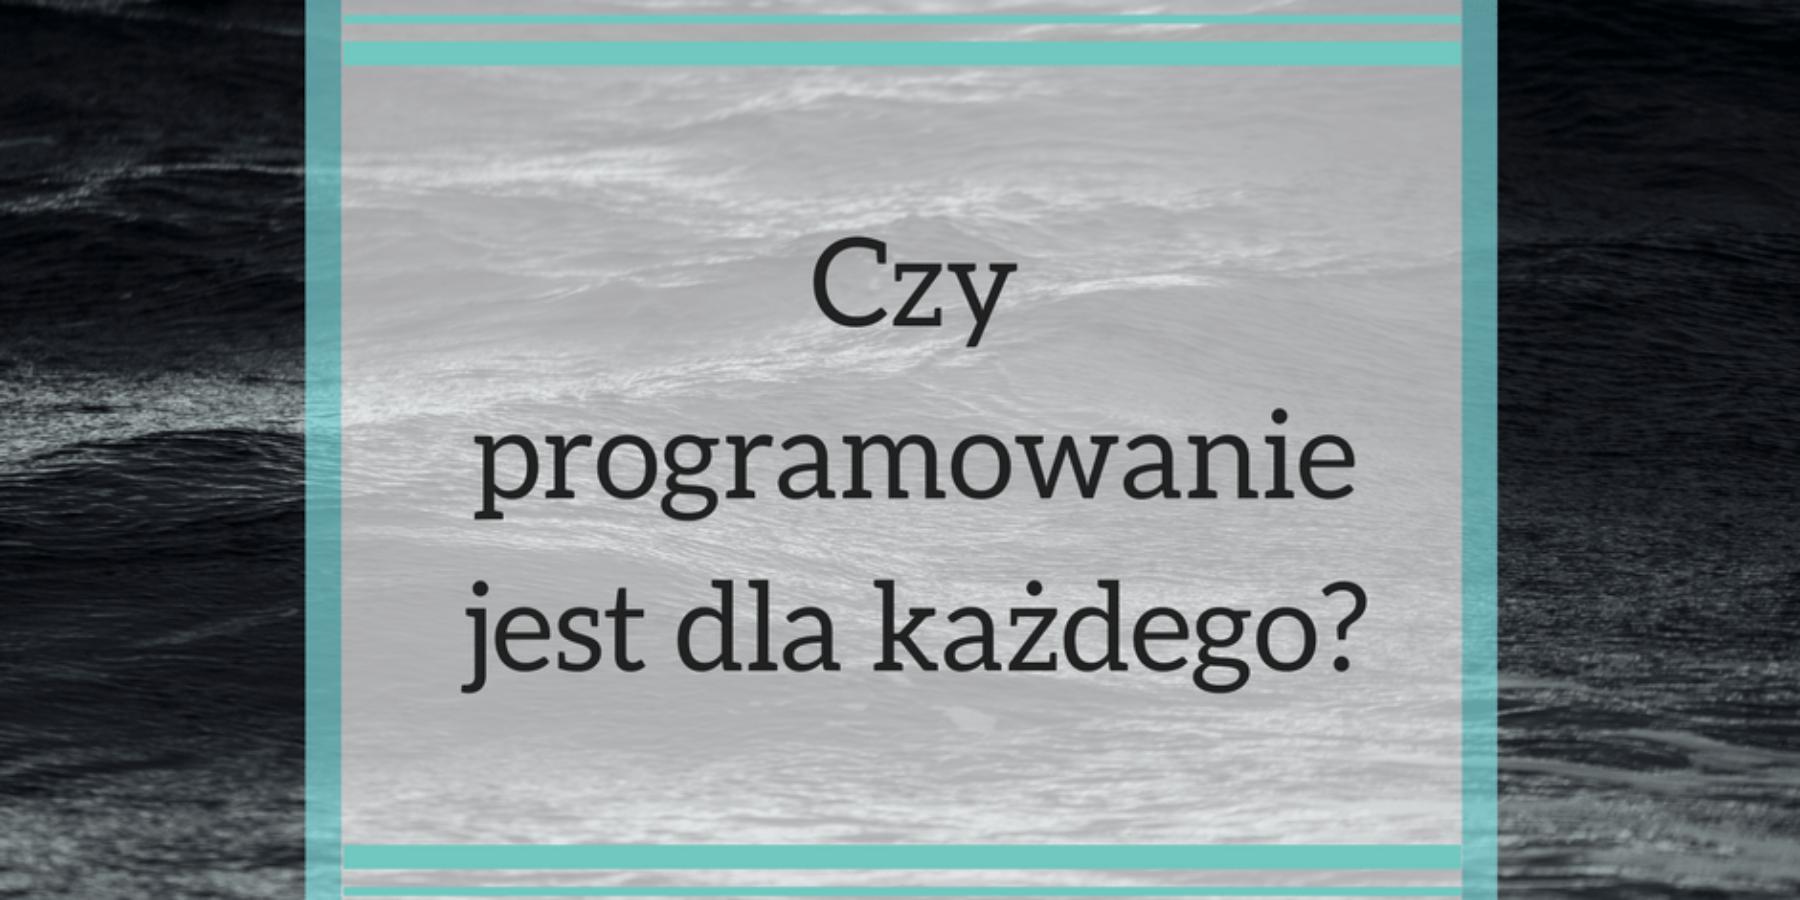 Wywiad zJoanną Bochyńską (Programuj, dziewczyno!) – Chciałam pracy, wktórejbędę mogła rozwijać się nieprzerwanie!